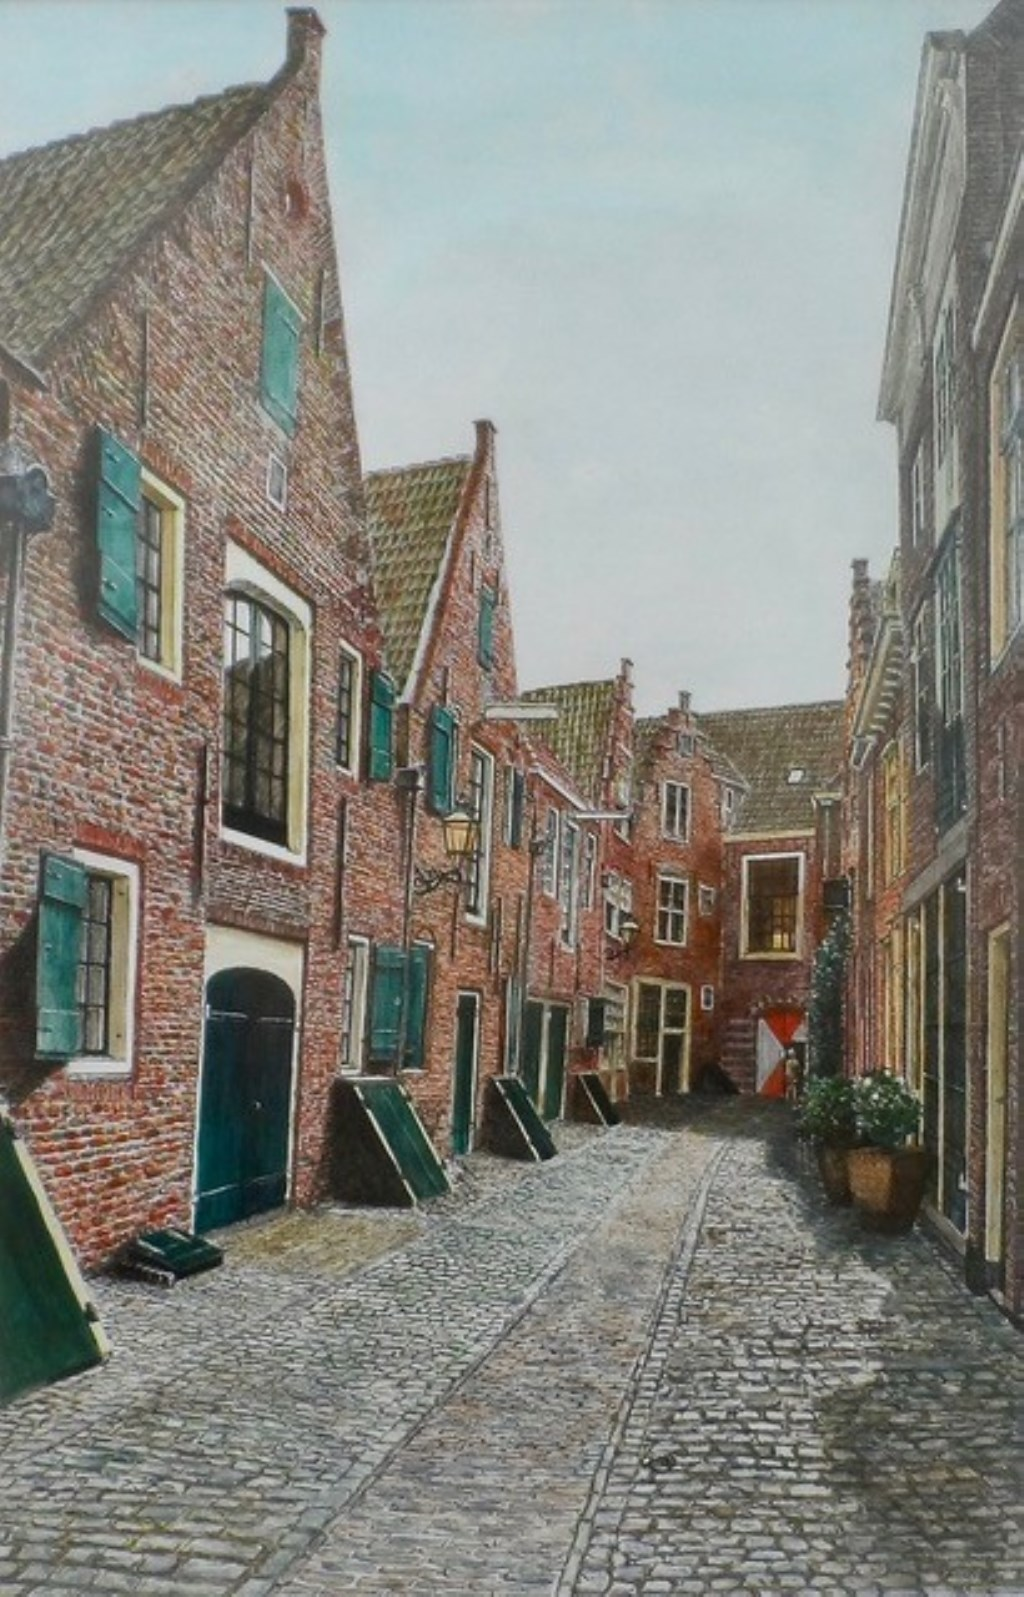 De Kuiperspoort in Middelburg, gezien door de ogen van Leo Burgs